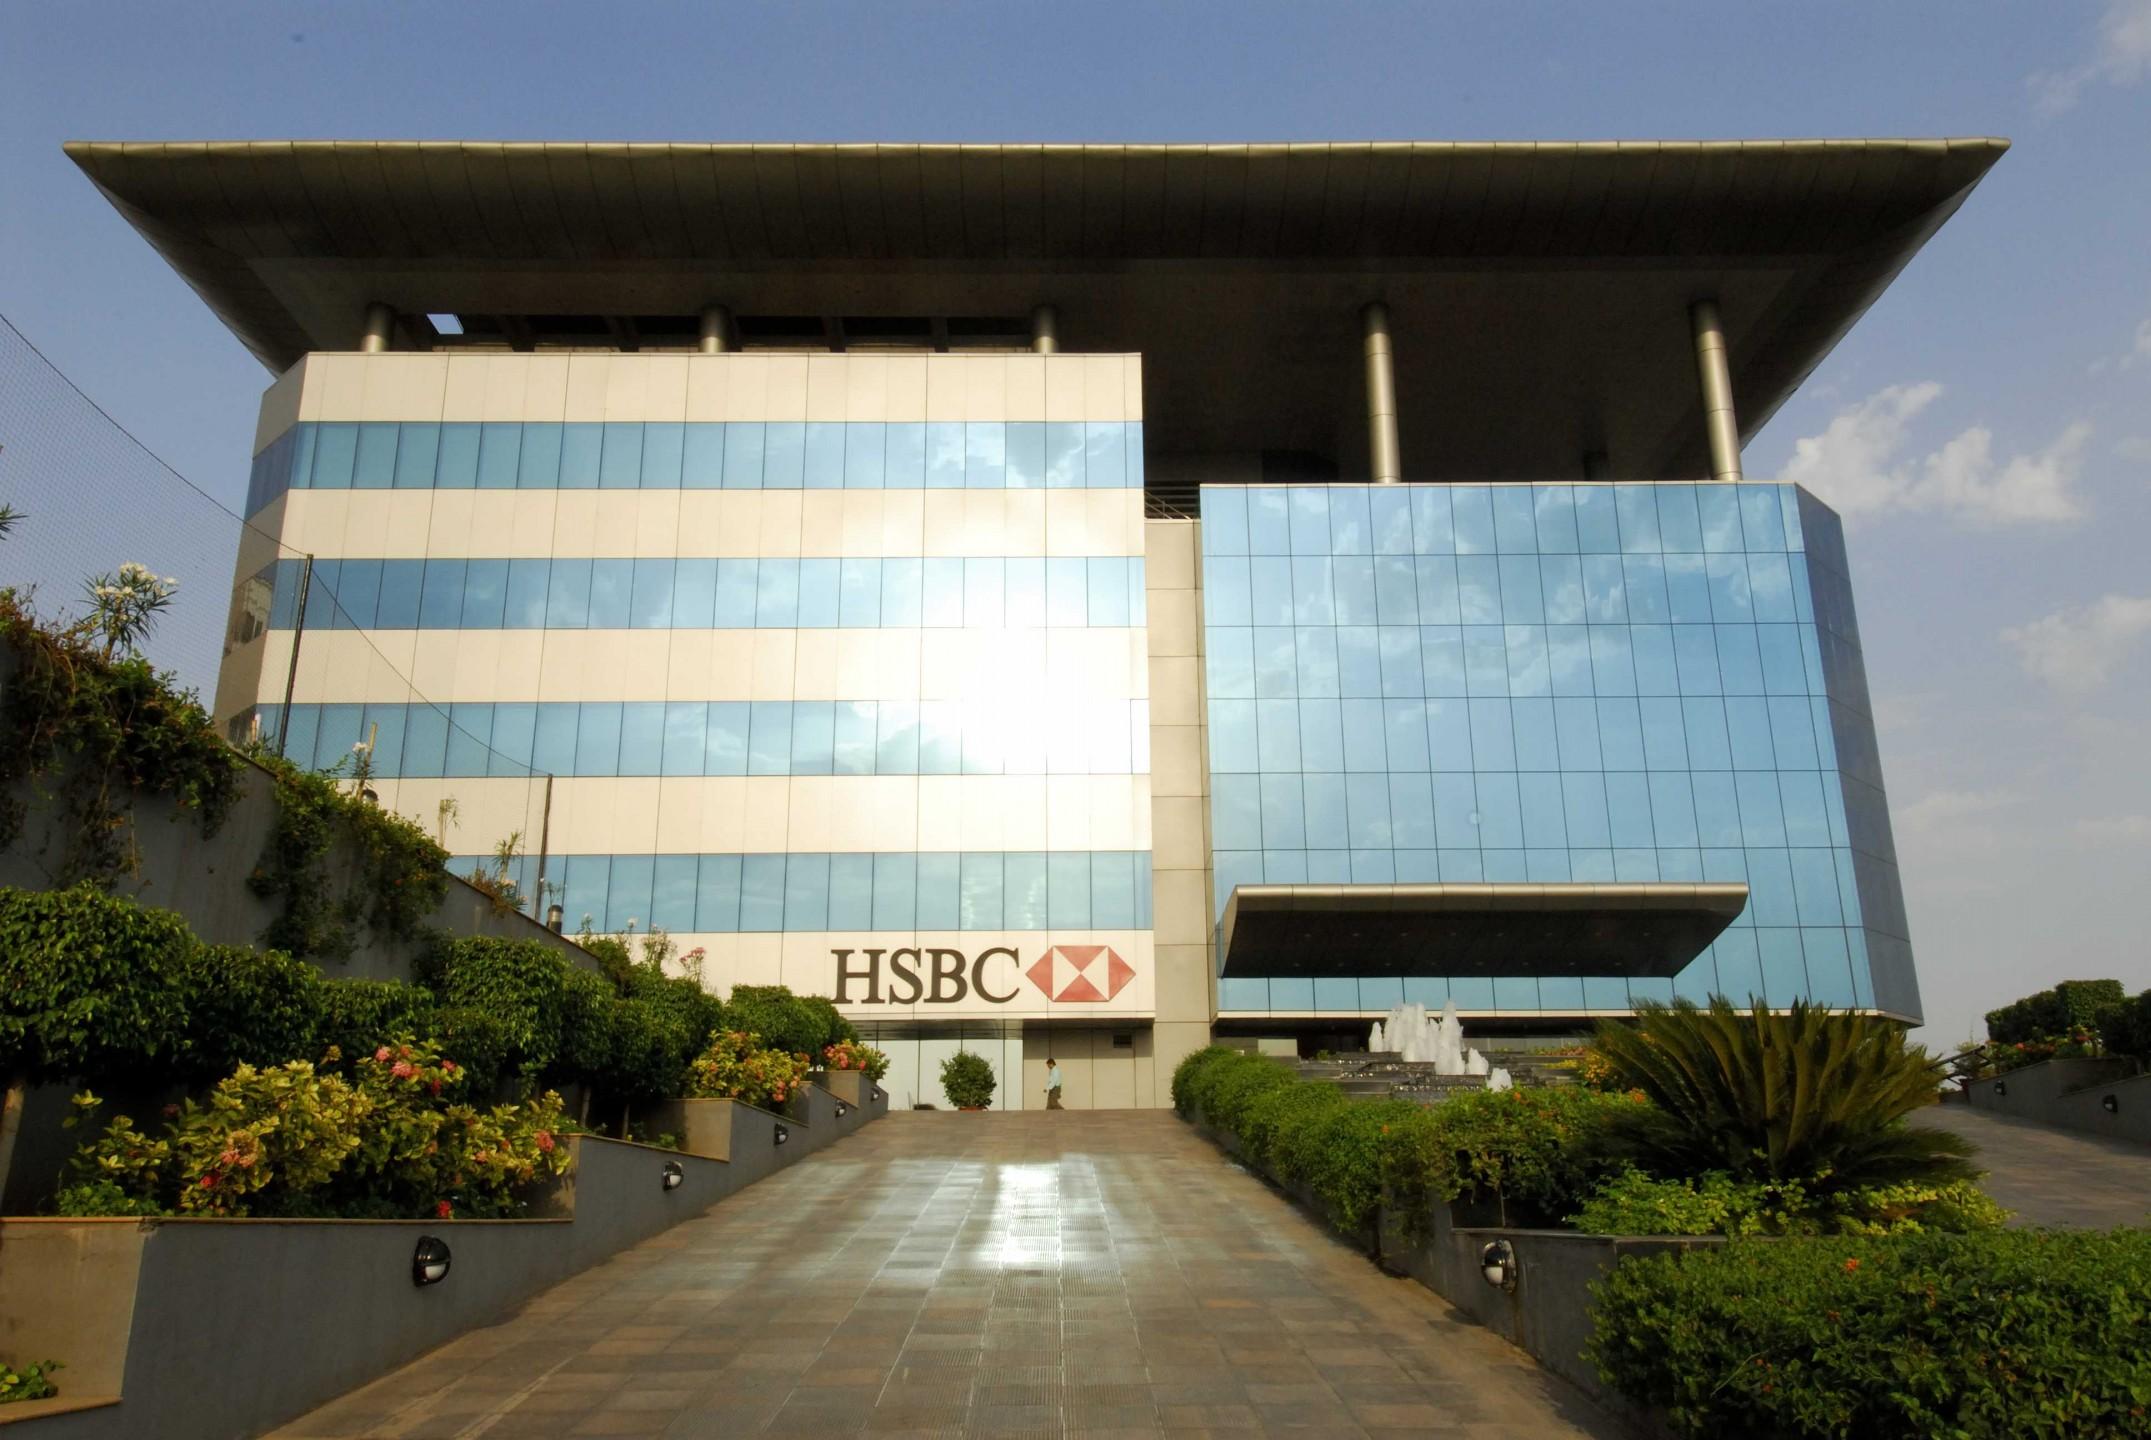 Bank HSBC houdt klantgegevens van klanten met dubieus verleden liever geheim